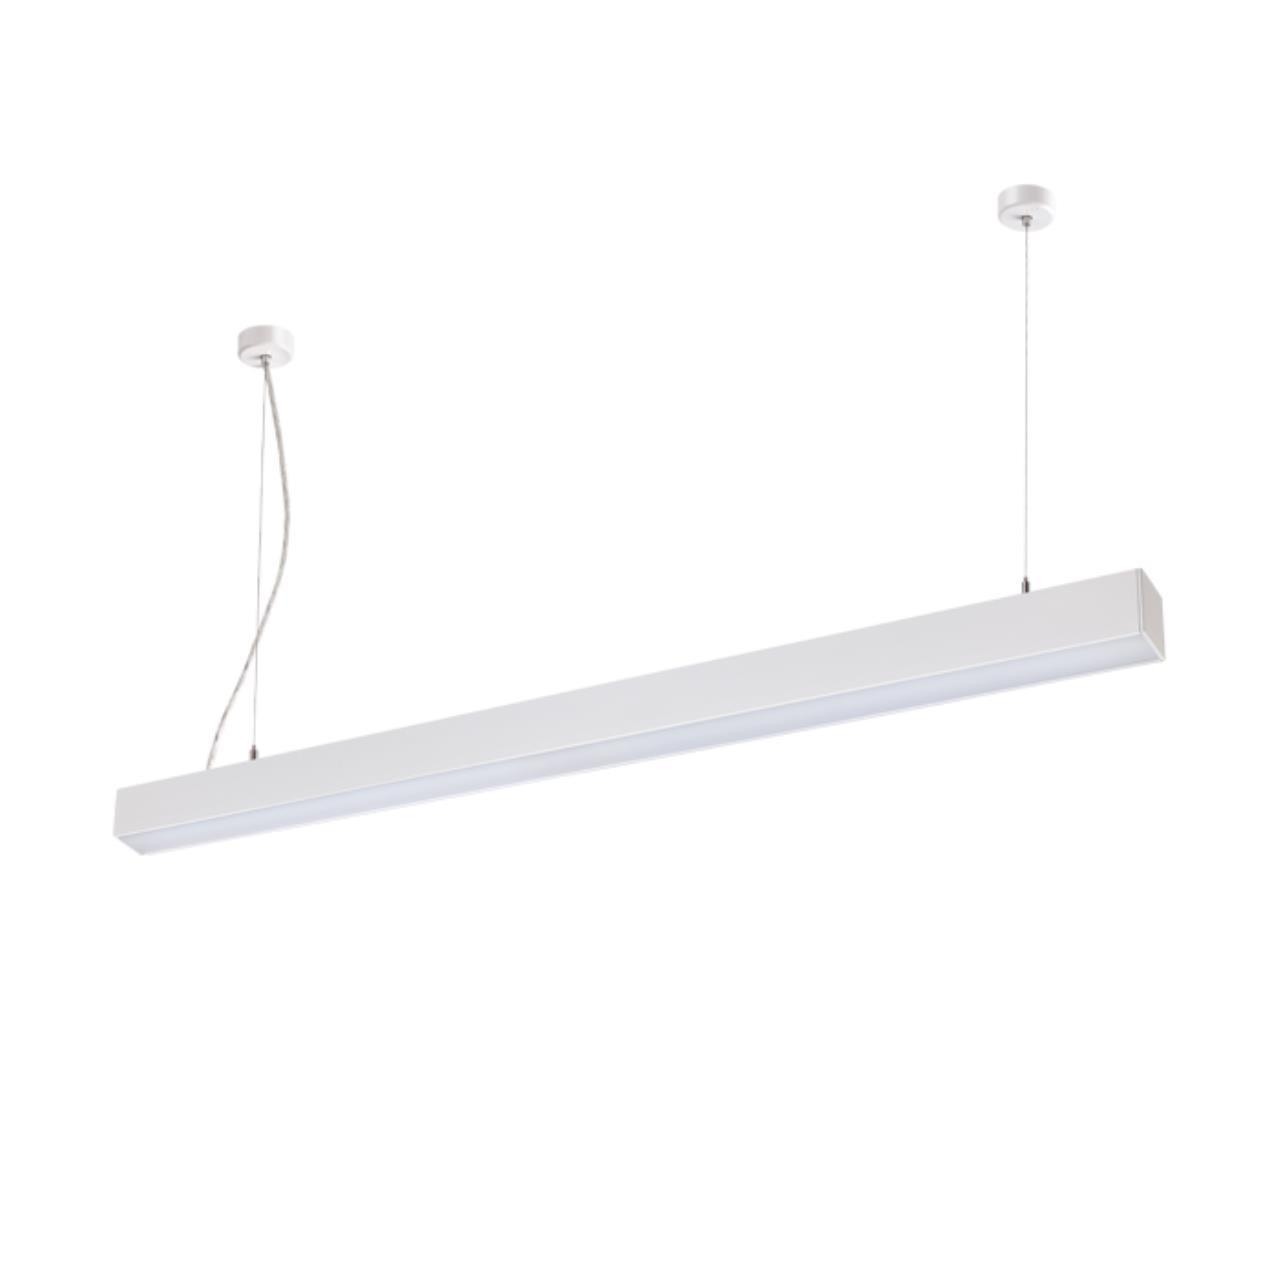 358052 OVER NT19 053 белый Накладной/подвесной светильник IP20 LED 4000К 20W 220V ITER